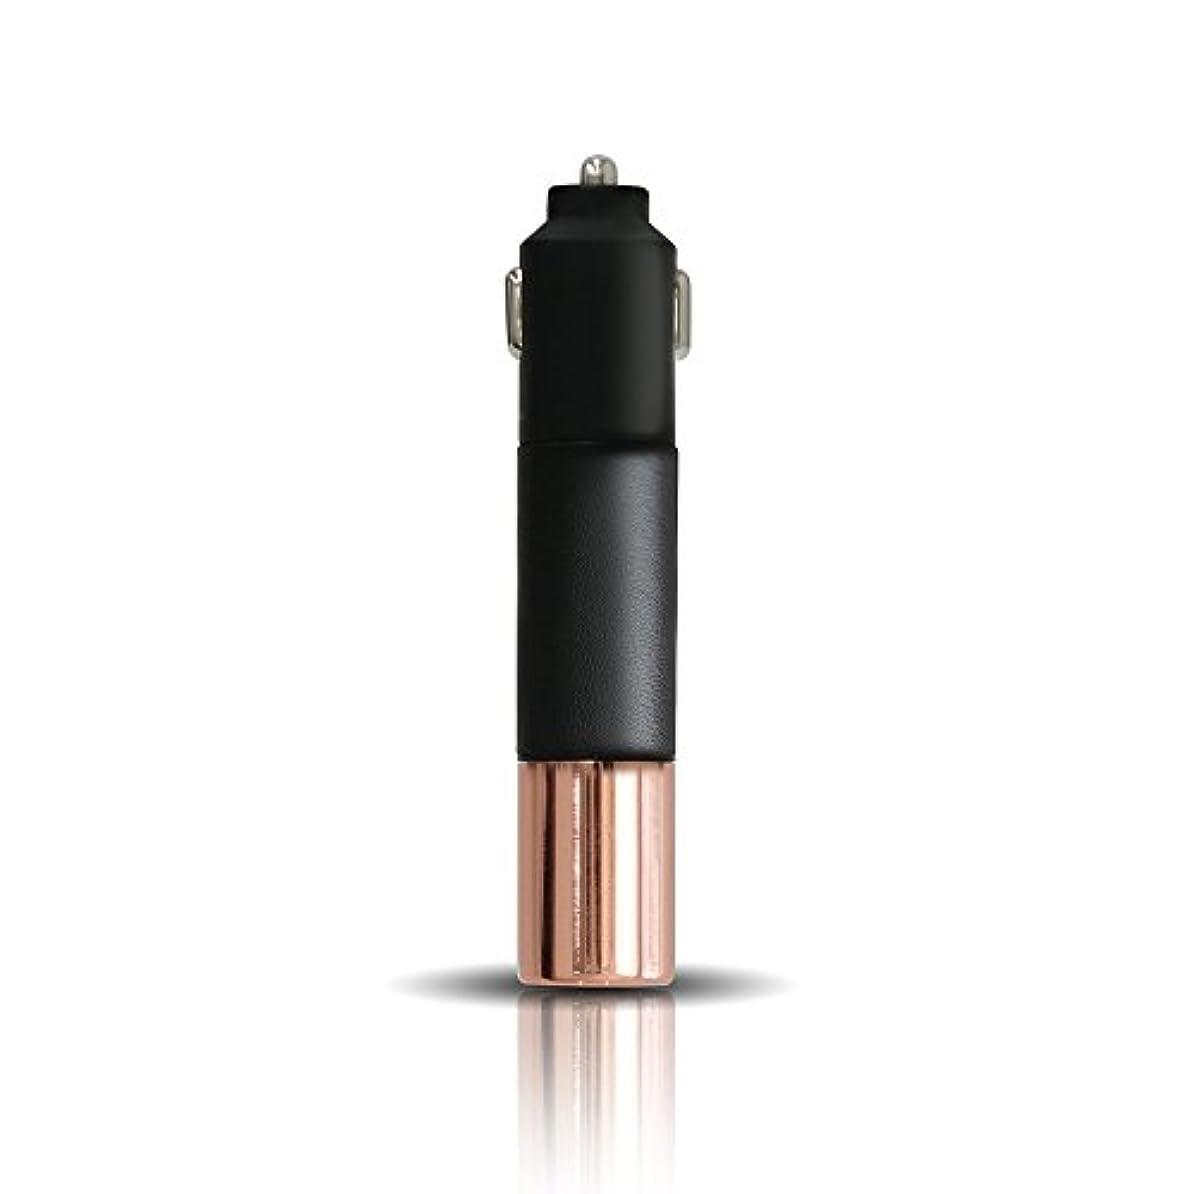 繰り返す去る自動PRISMATE(プリズメイト) Driving Aroma Diffuser Leather and Metal PR-AD02C (BK(ブラック))